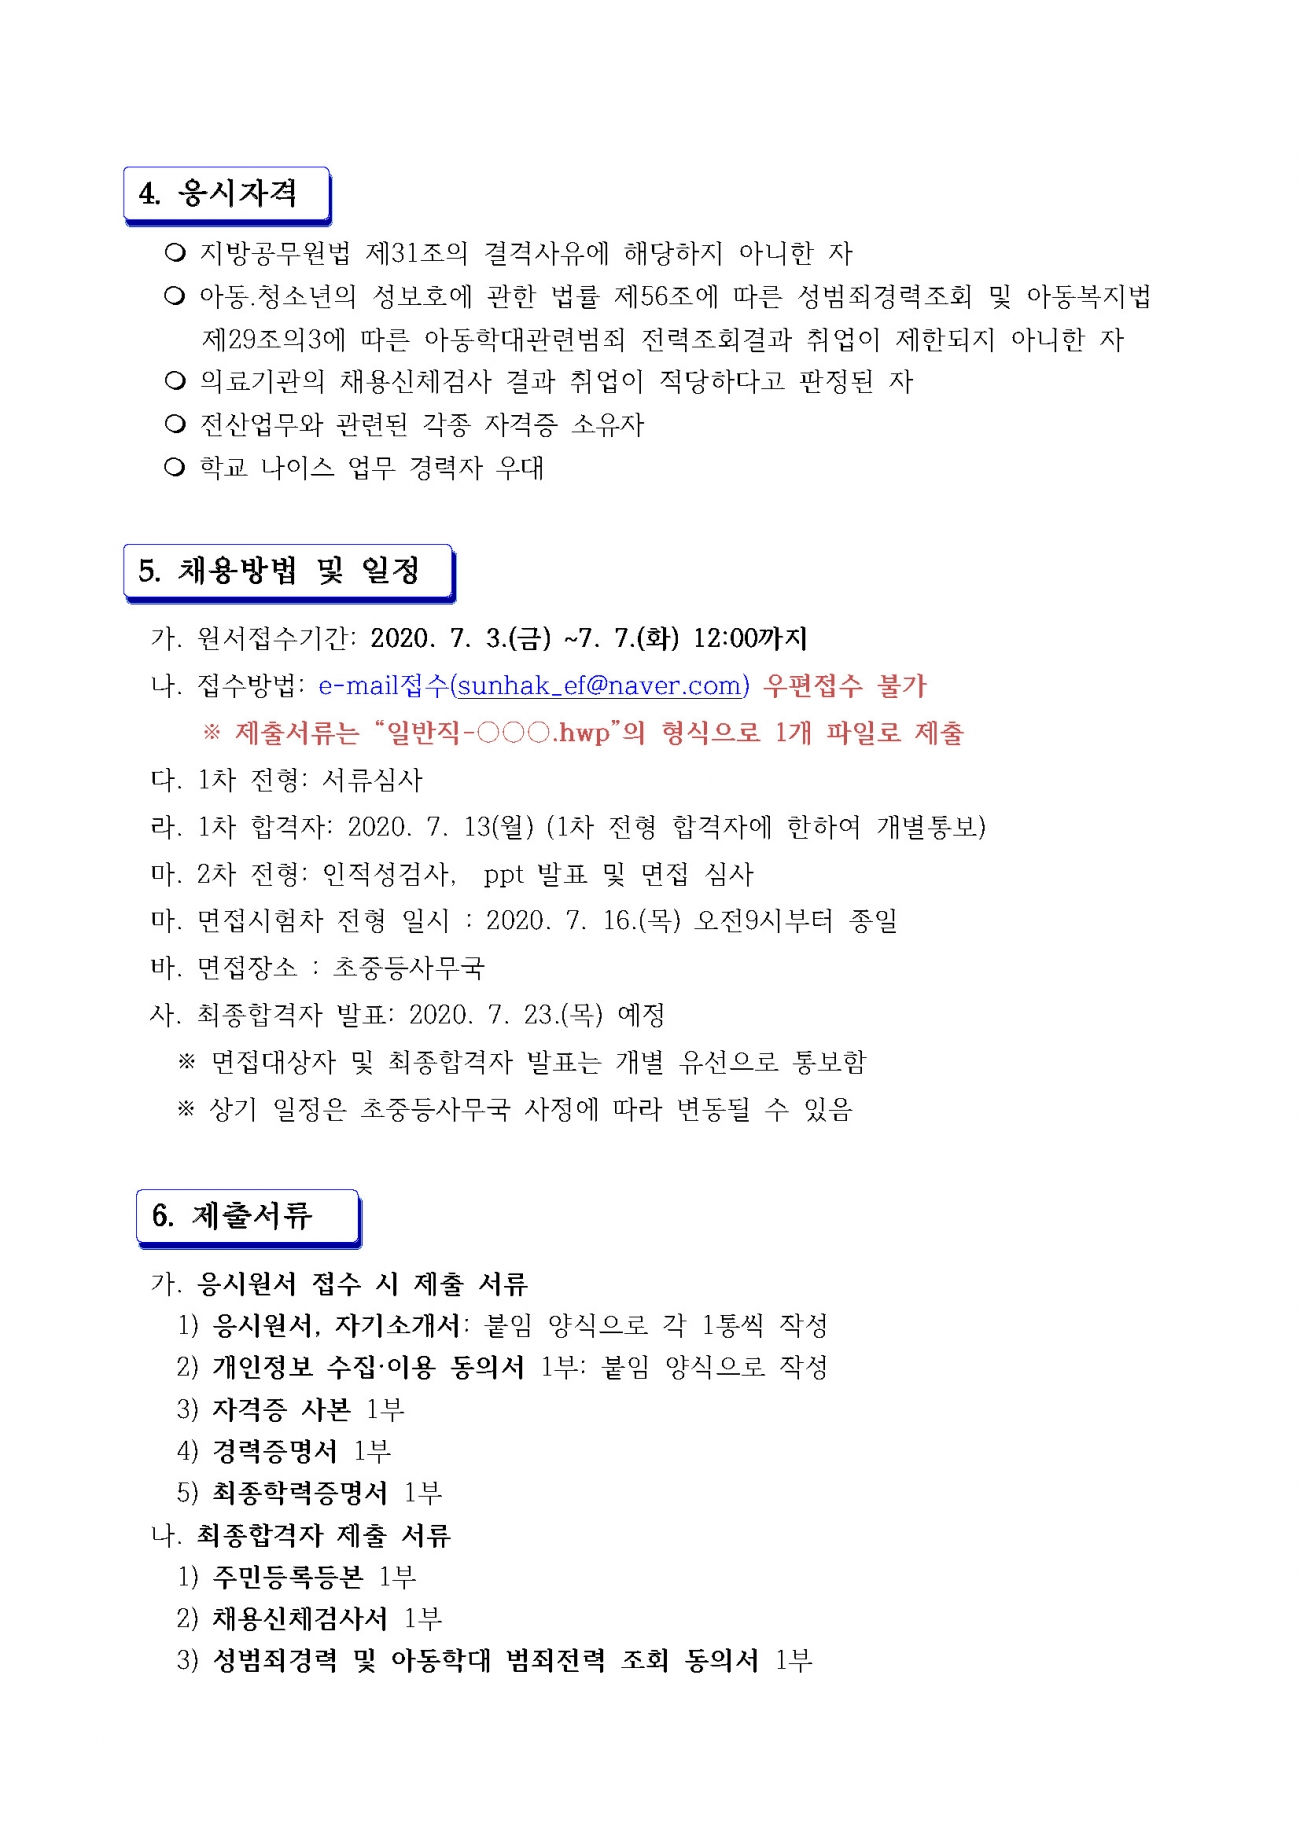 선화예중-일반직원 충원 공고문_페이지_2.jpg